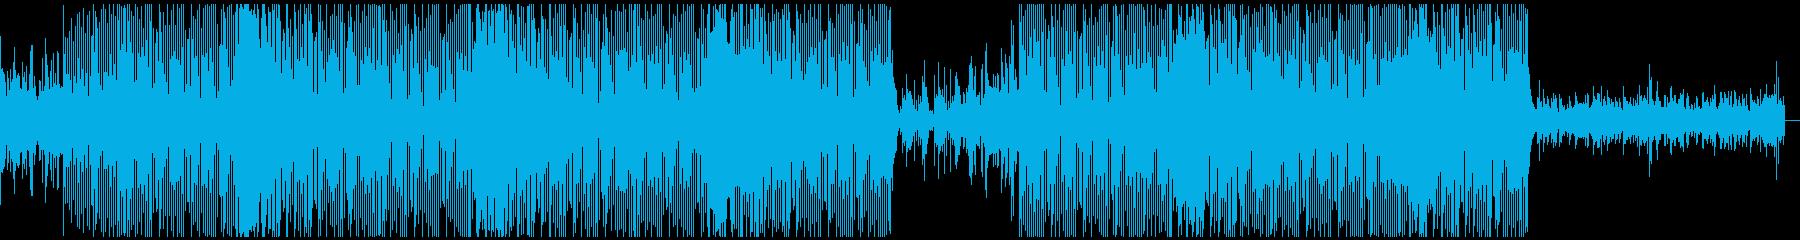 ソウルフルなトラップビートの再生済みの波形